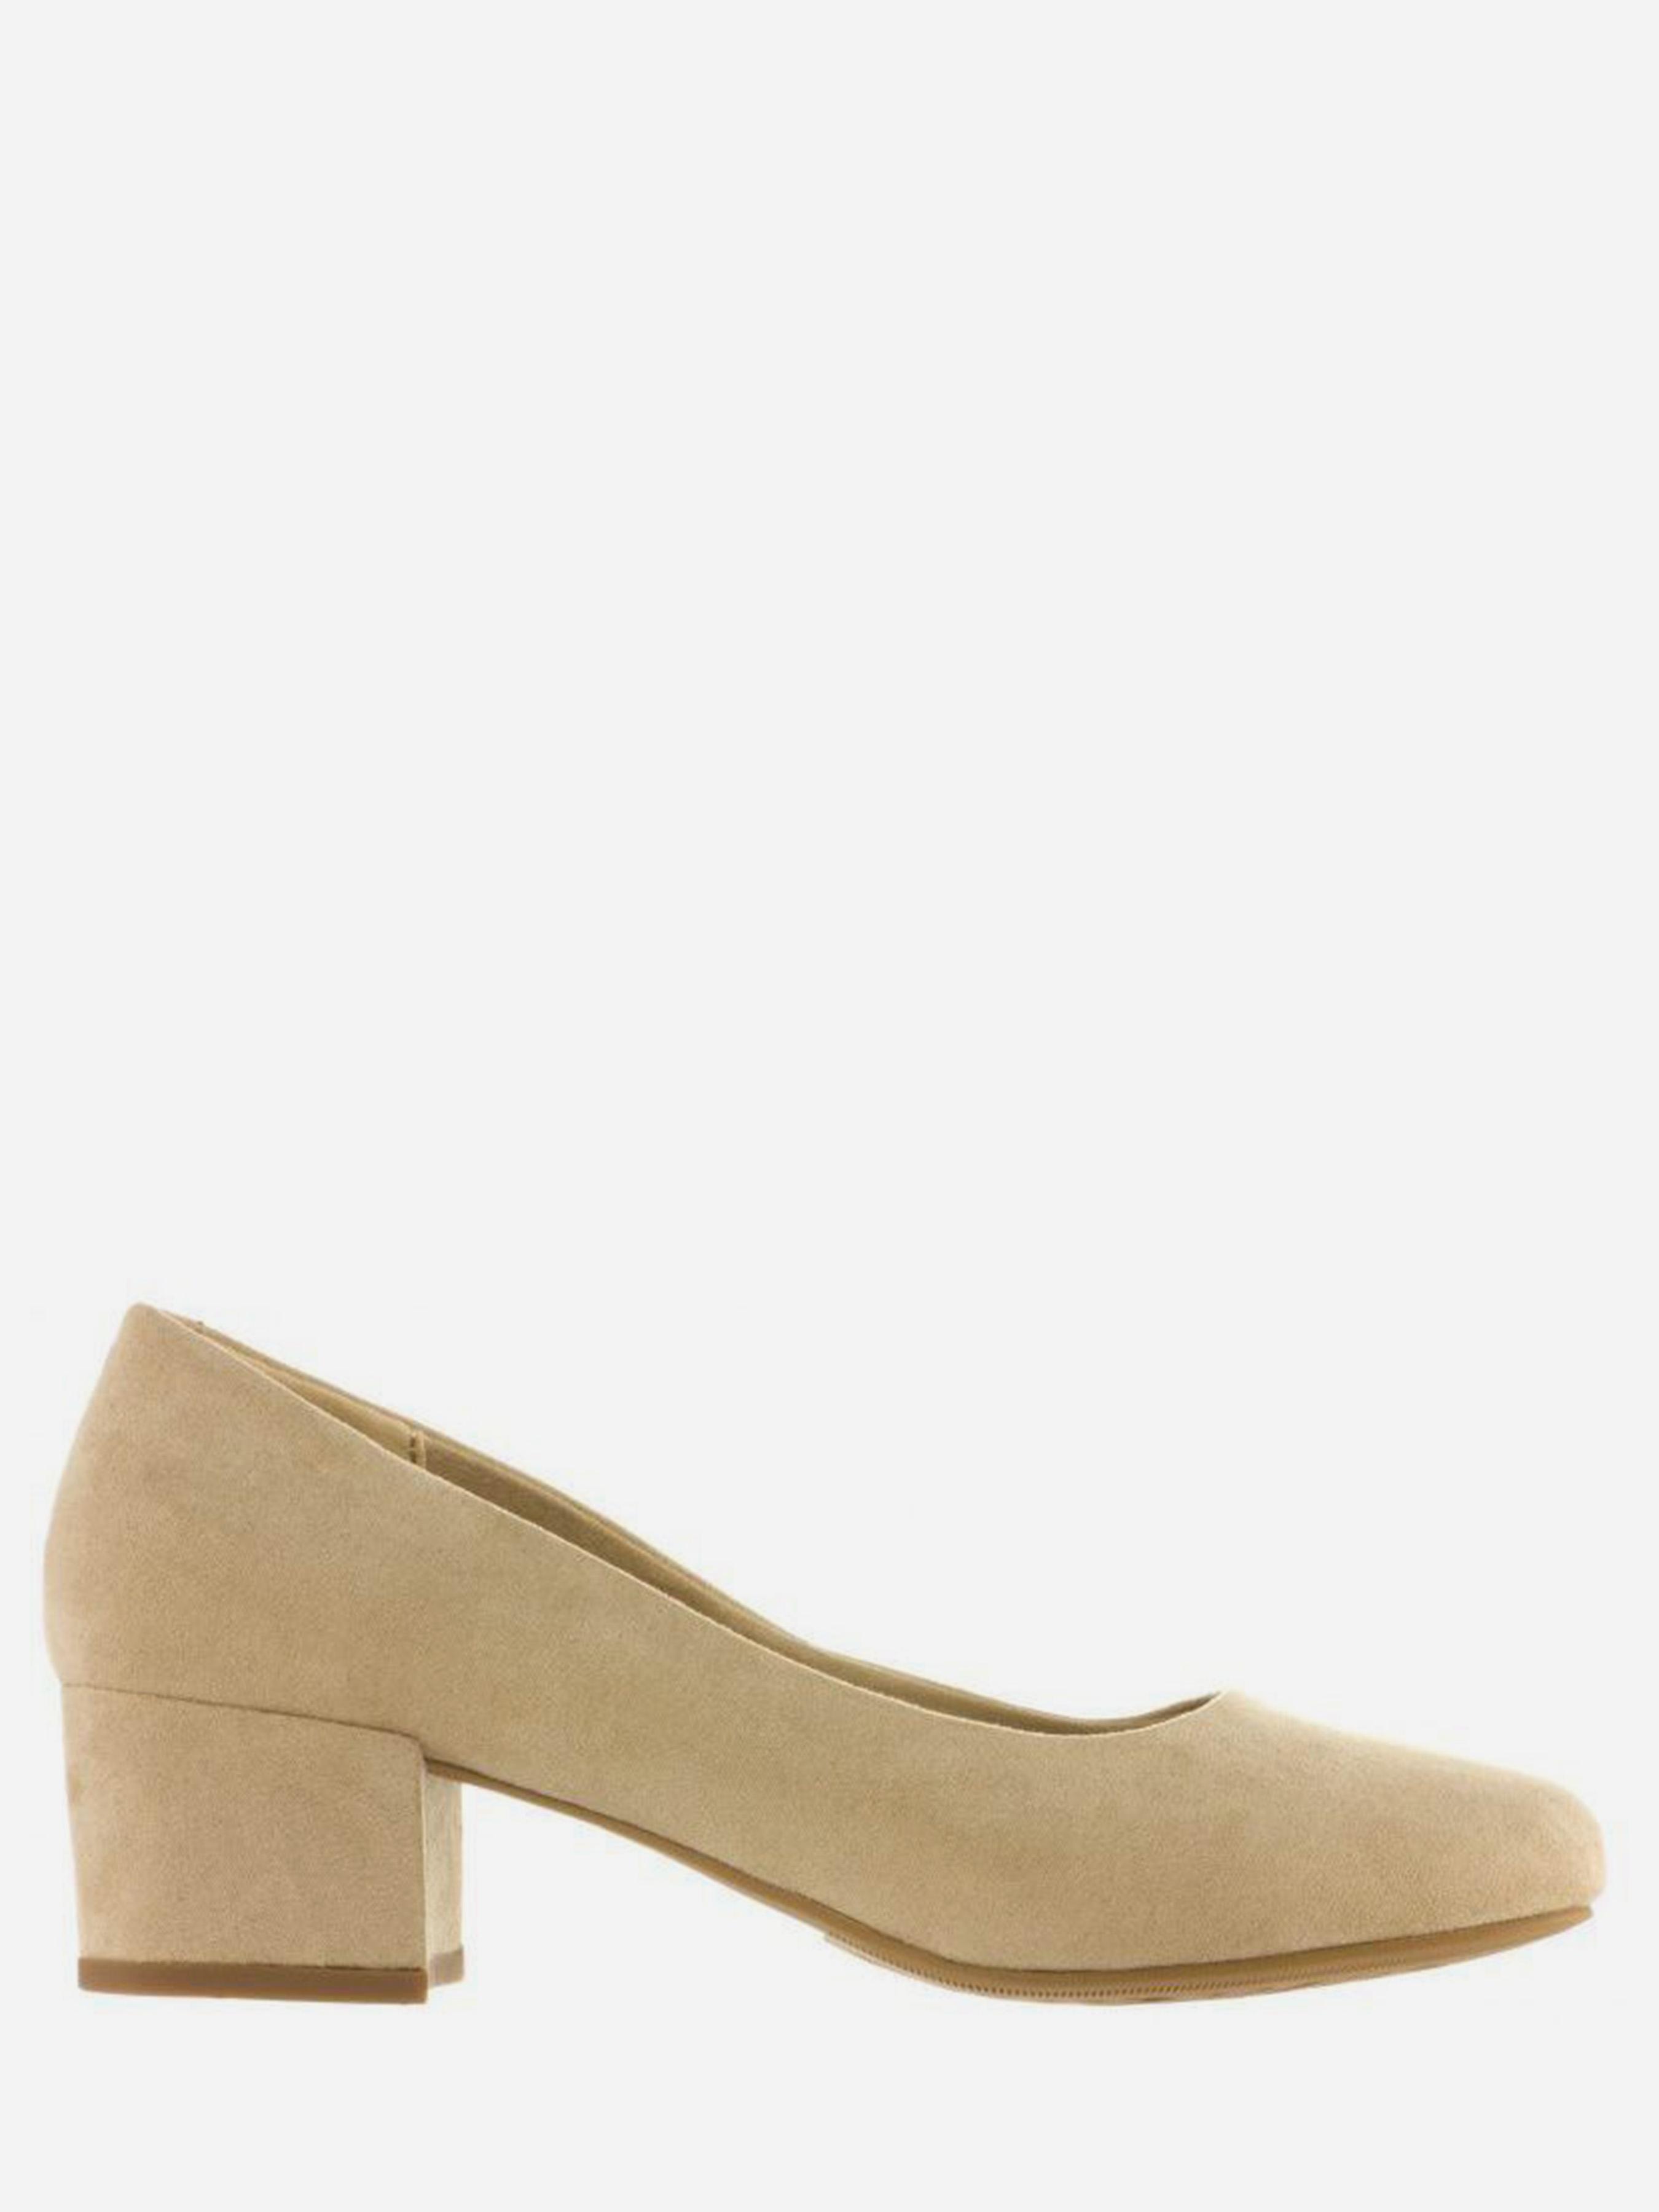 Туфли для женщин M Wone OI47 стоимость, 2017